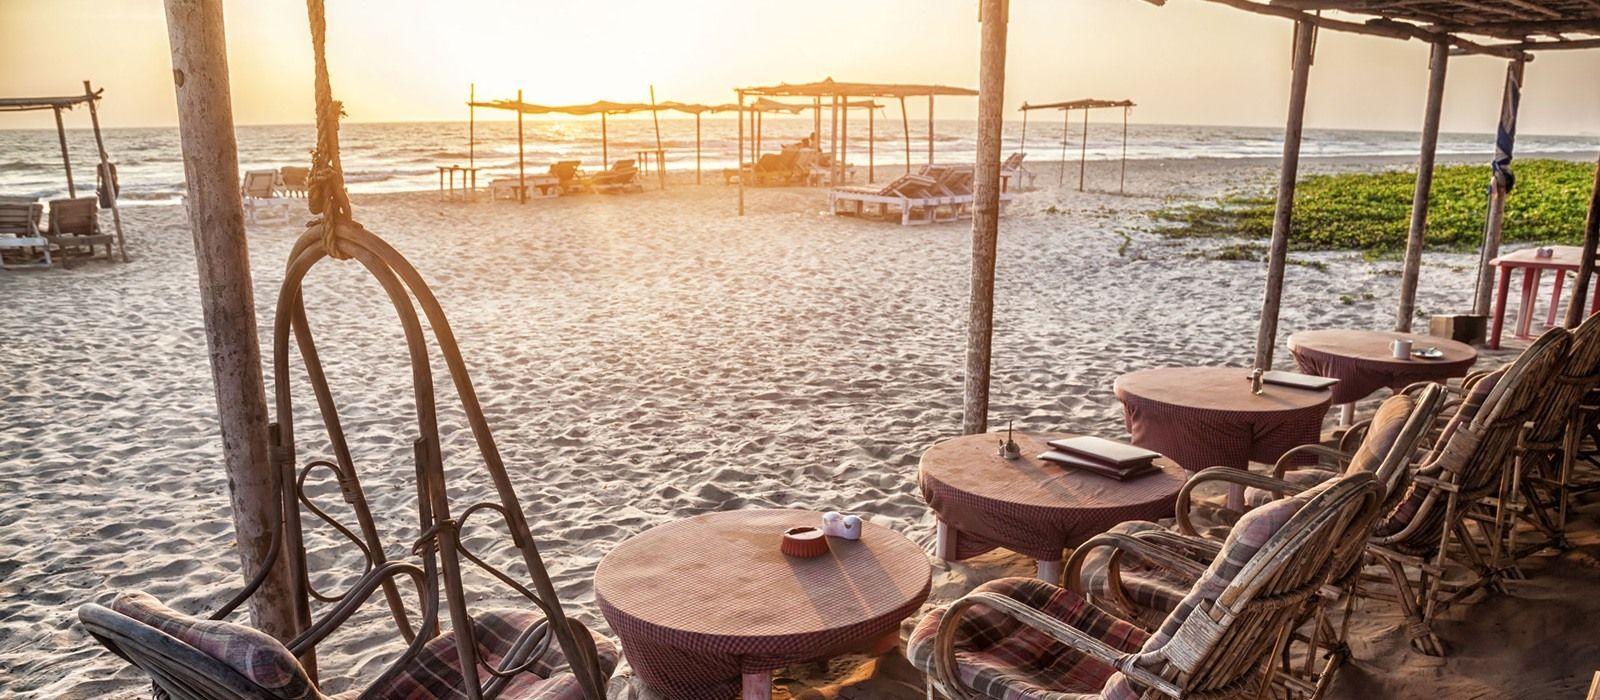 Indien: Goldenes Dreieck & Goa Urlaub 2